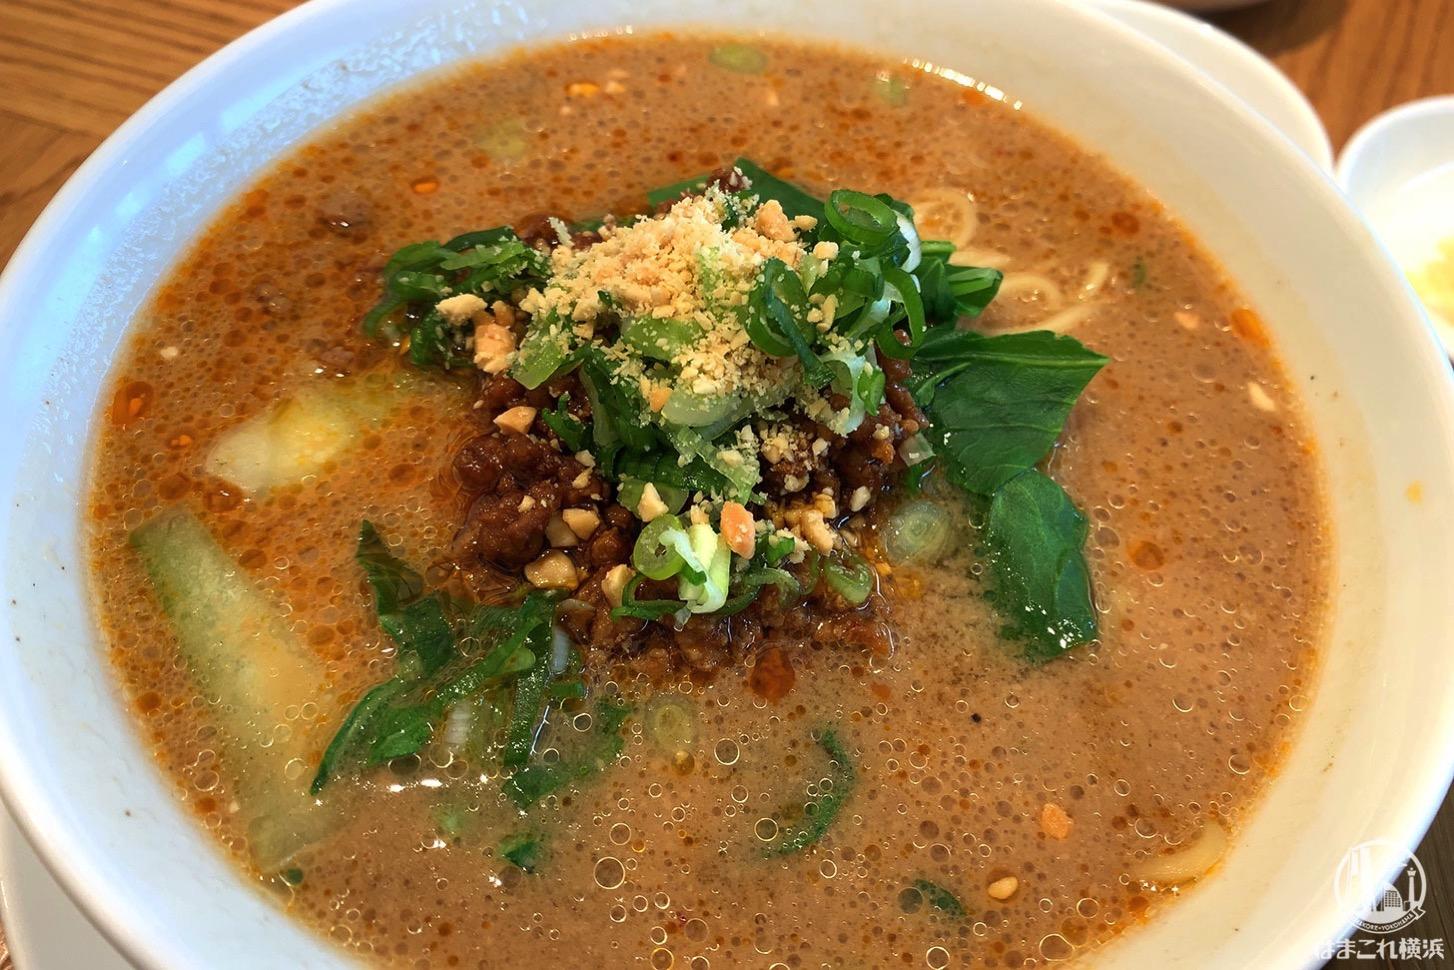 鼎泰豐(ディンタイフォン)ランチ 担々麺